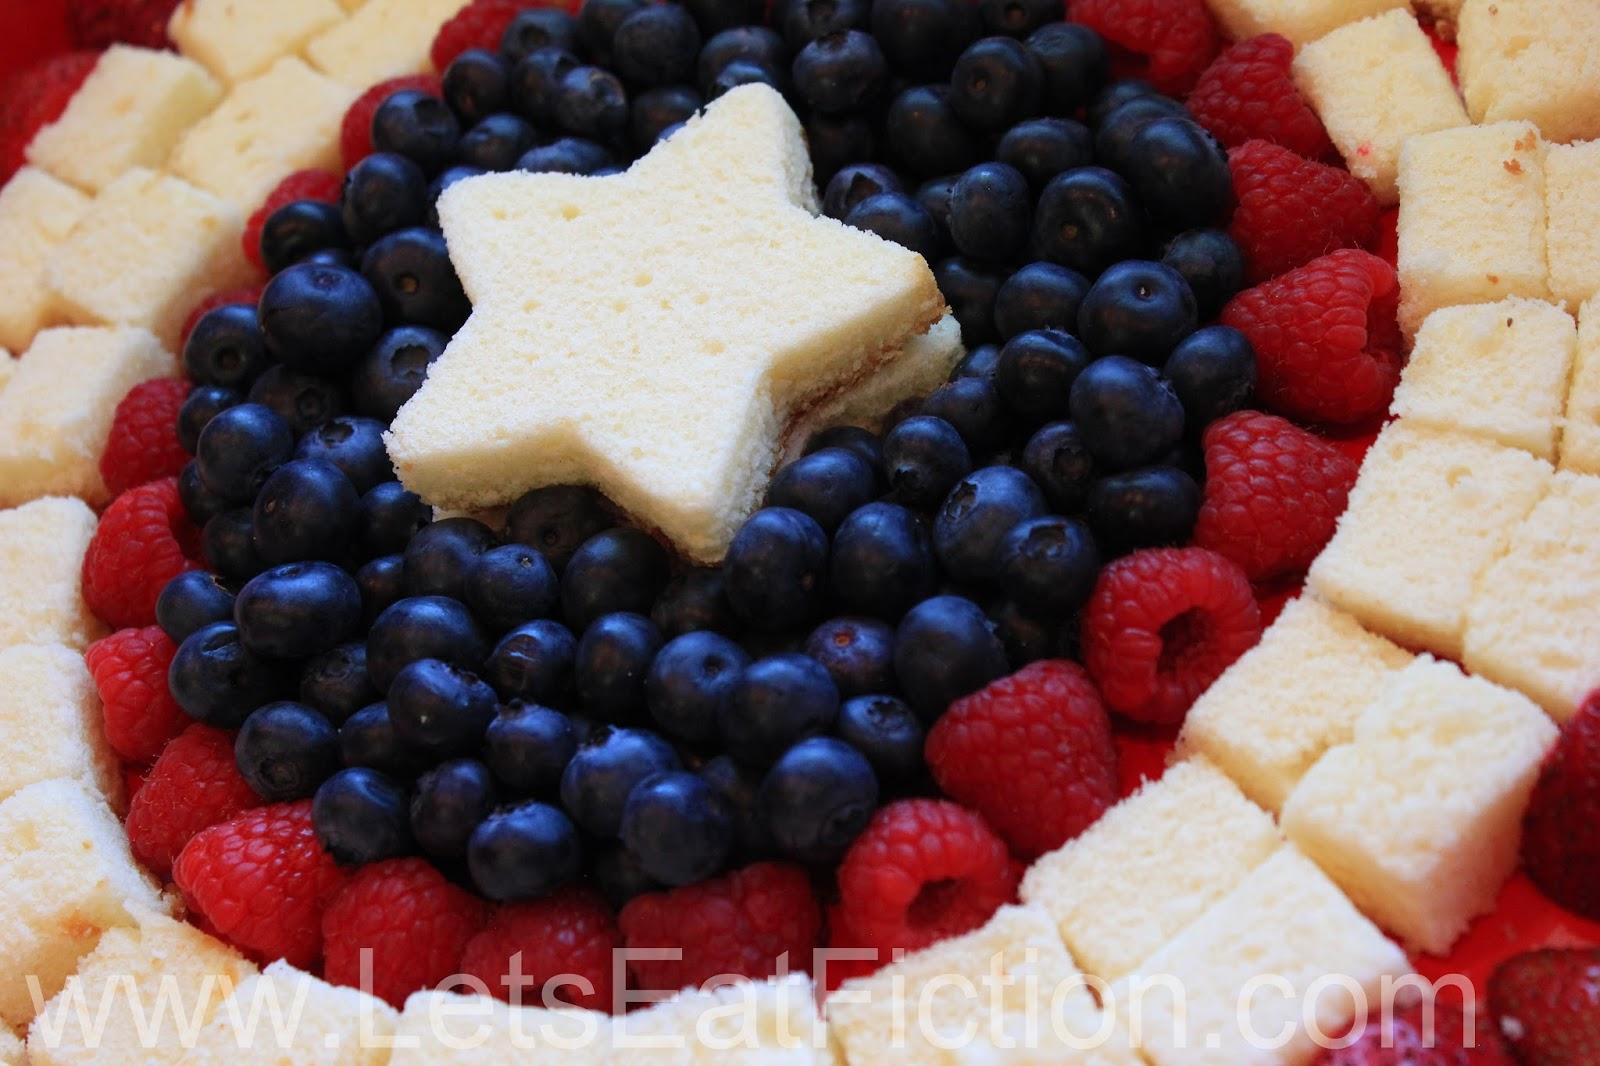 Lets Eat Fiction Captain America Shield Fruit Platter